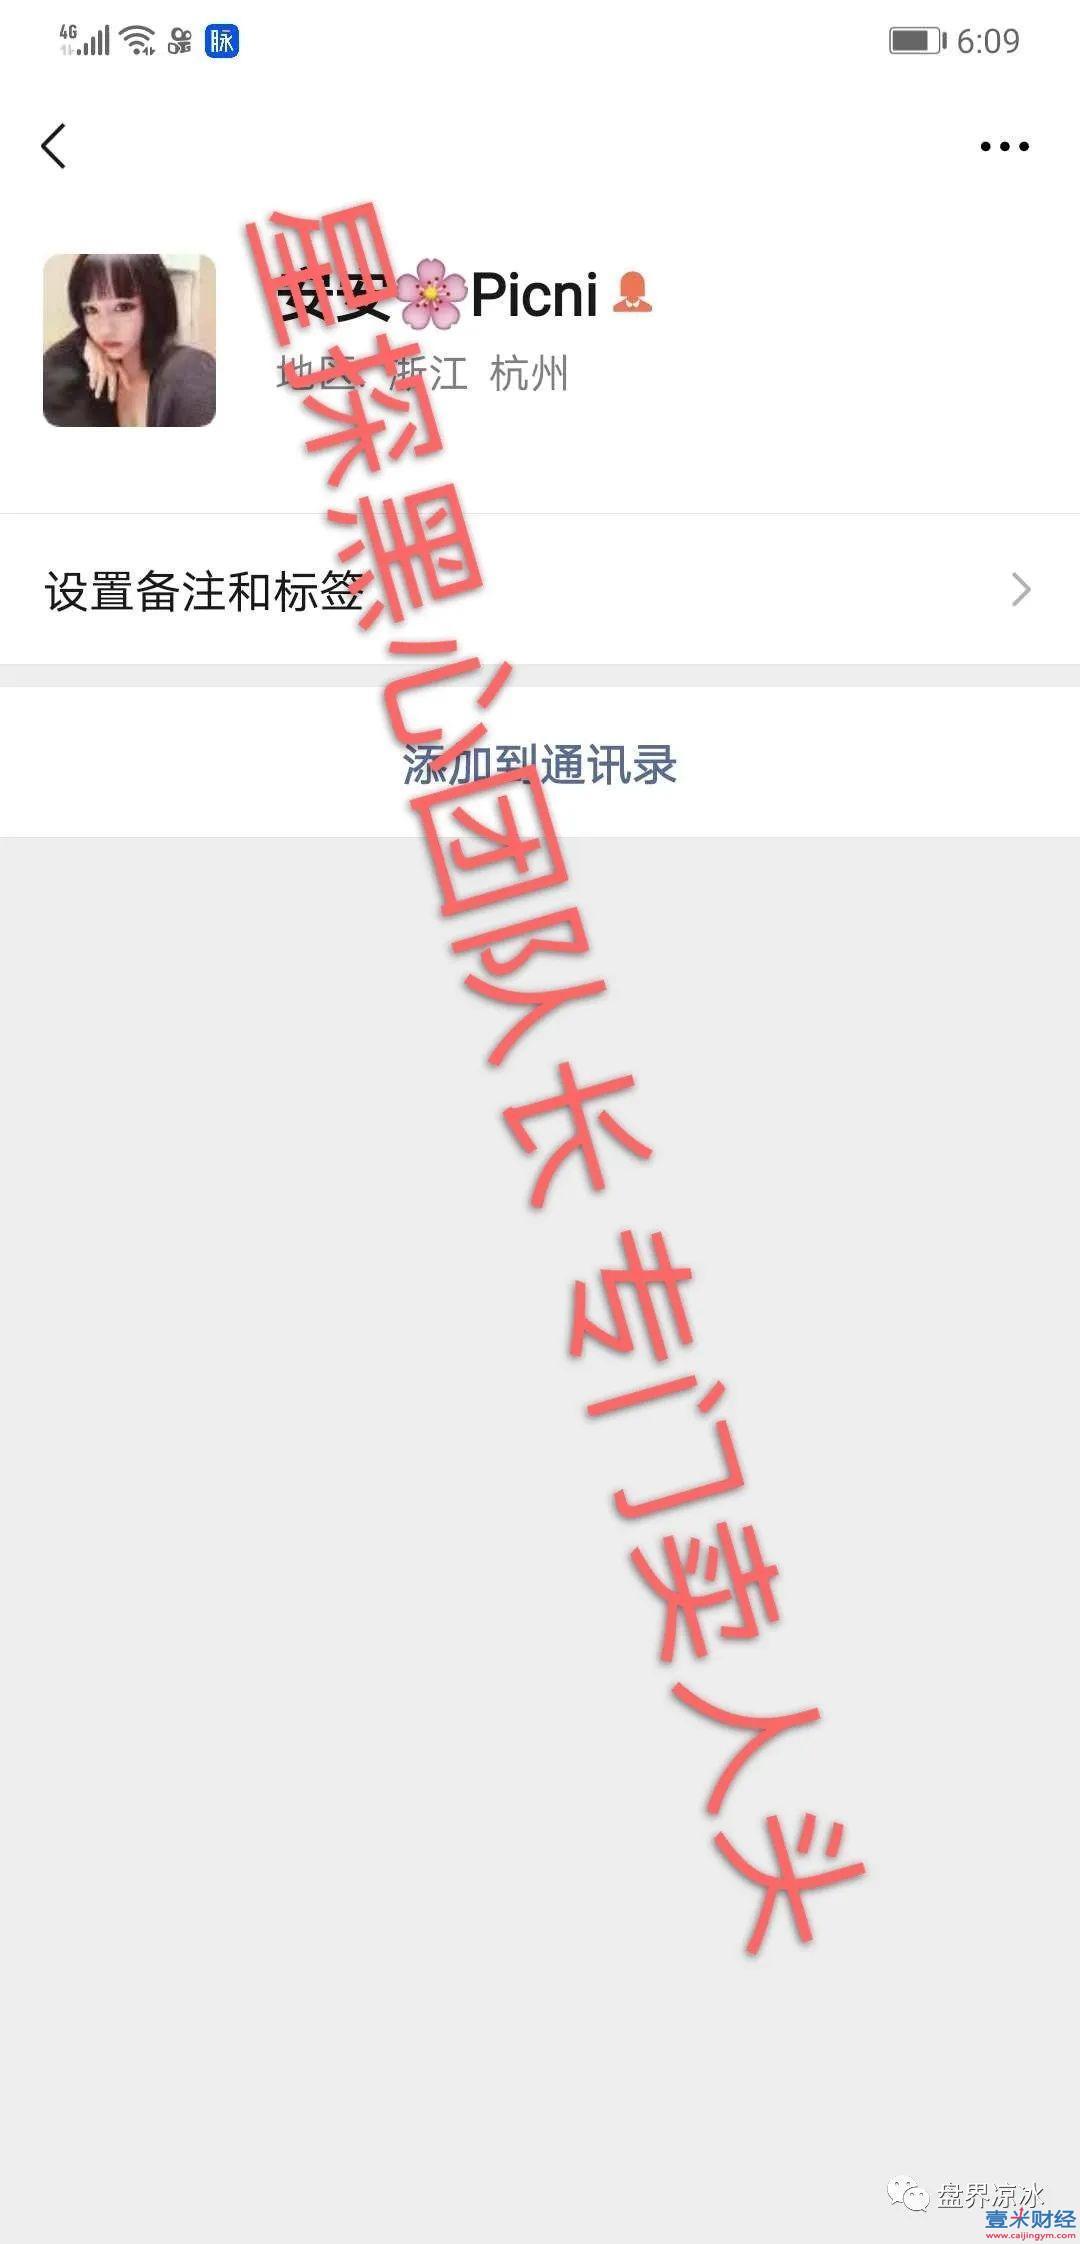 龙之世界最新消息:陈海成王伟东开盘的星探马上崩盘,本草合约已崩盘 !图(12)